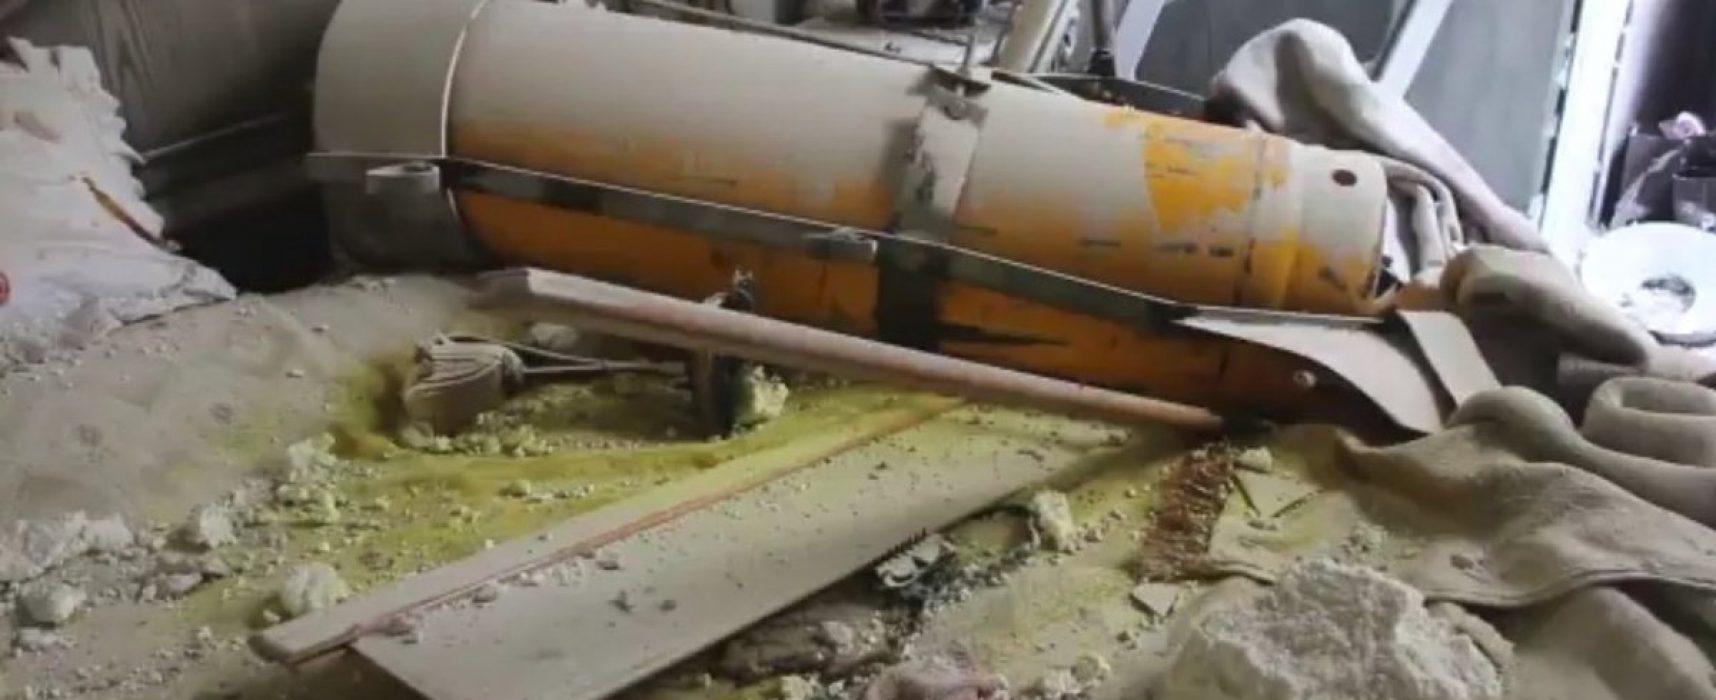 Россия потребовала пересмотреть доклад о химатаке в Сирии, основываясь на давно разоблаченном фейке